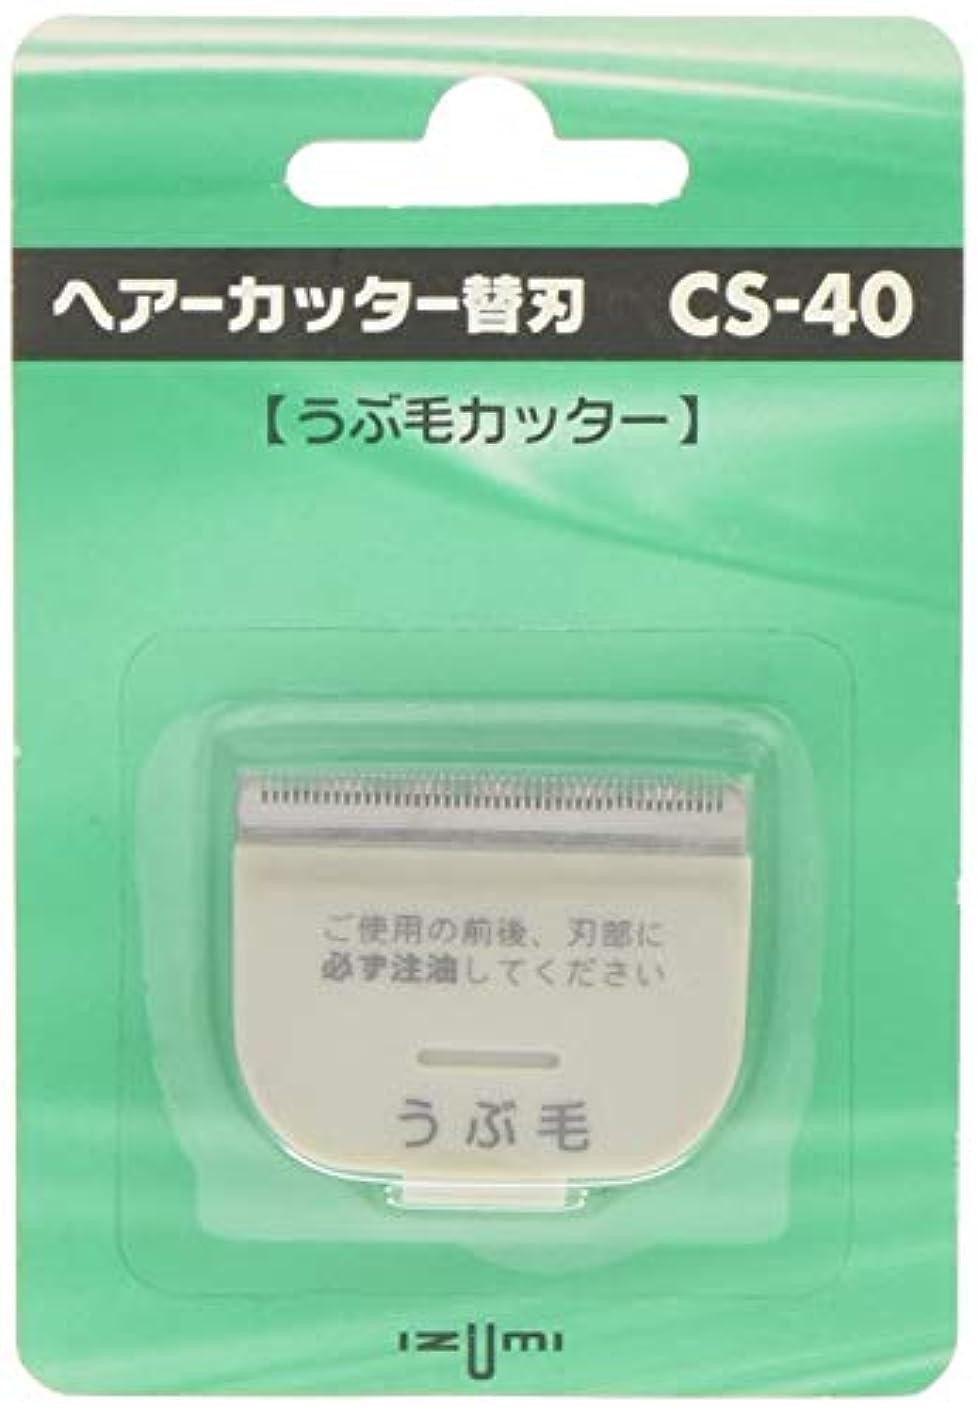 クランシーガイドシダIZUMI ヘアーカッター用替刃 うぶ毛カッター CS-40